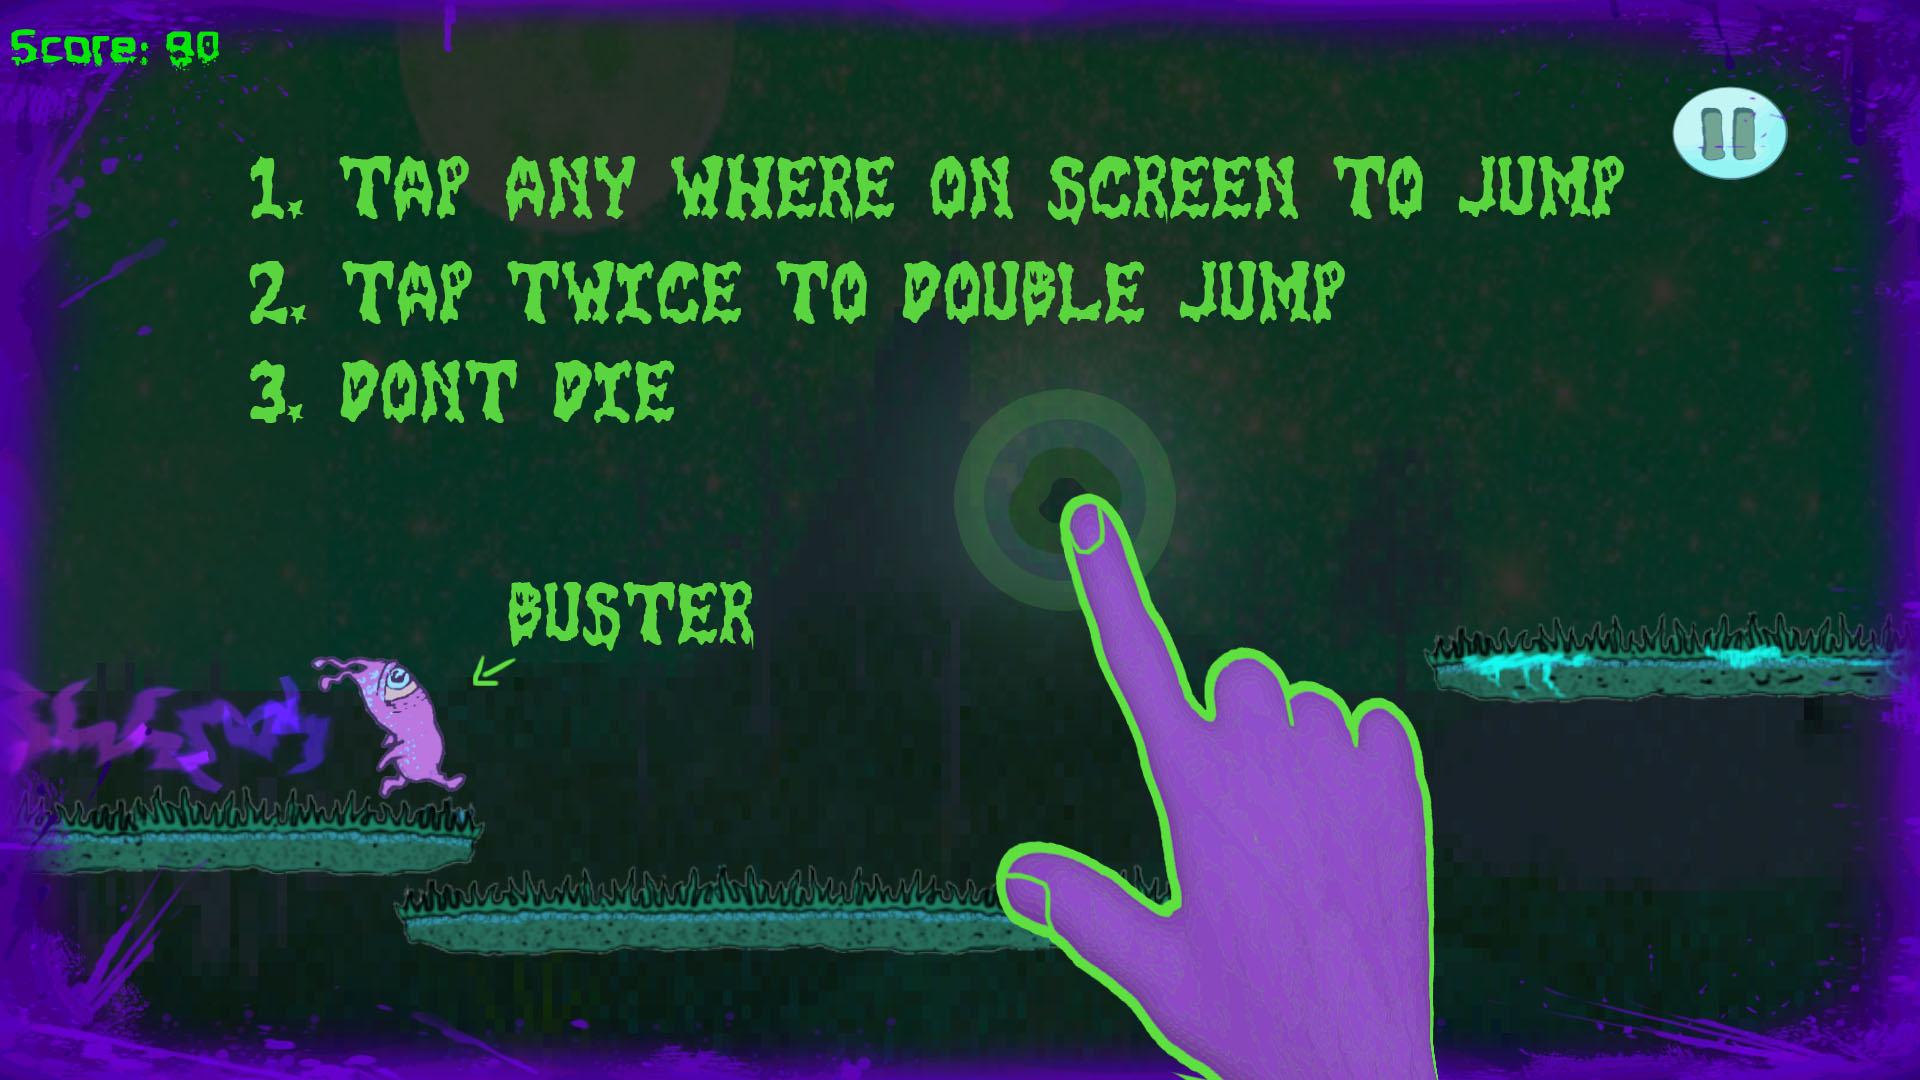 Run Buster Run!